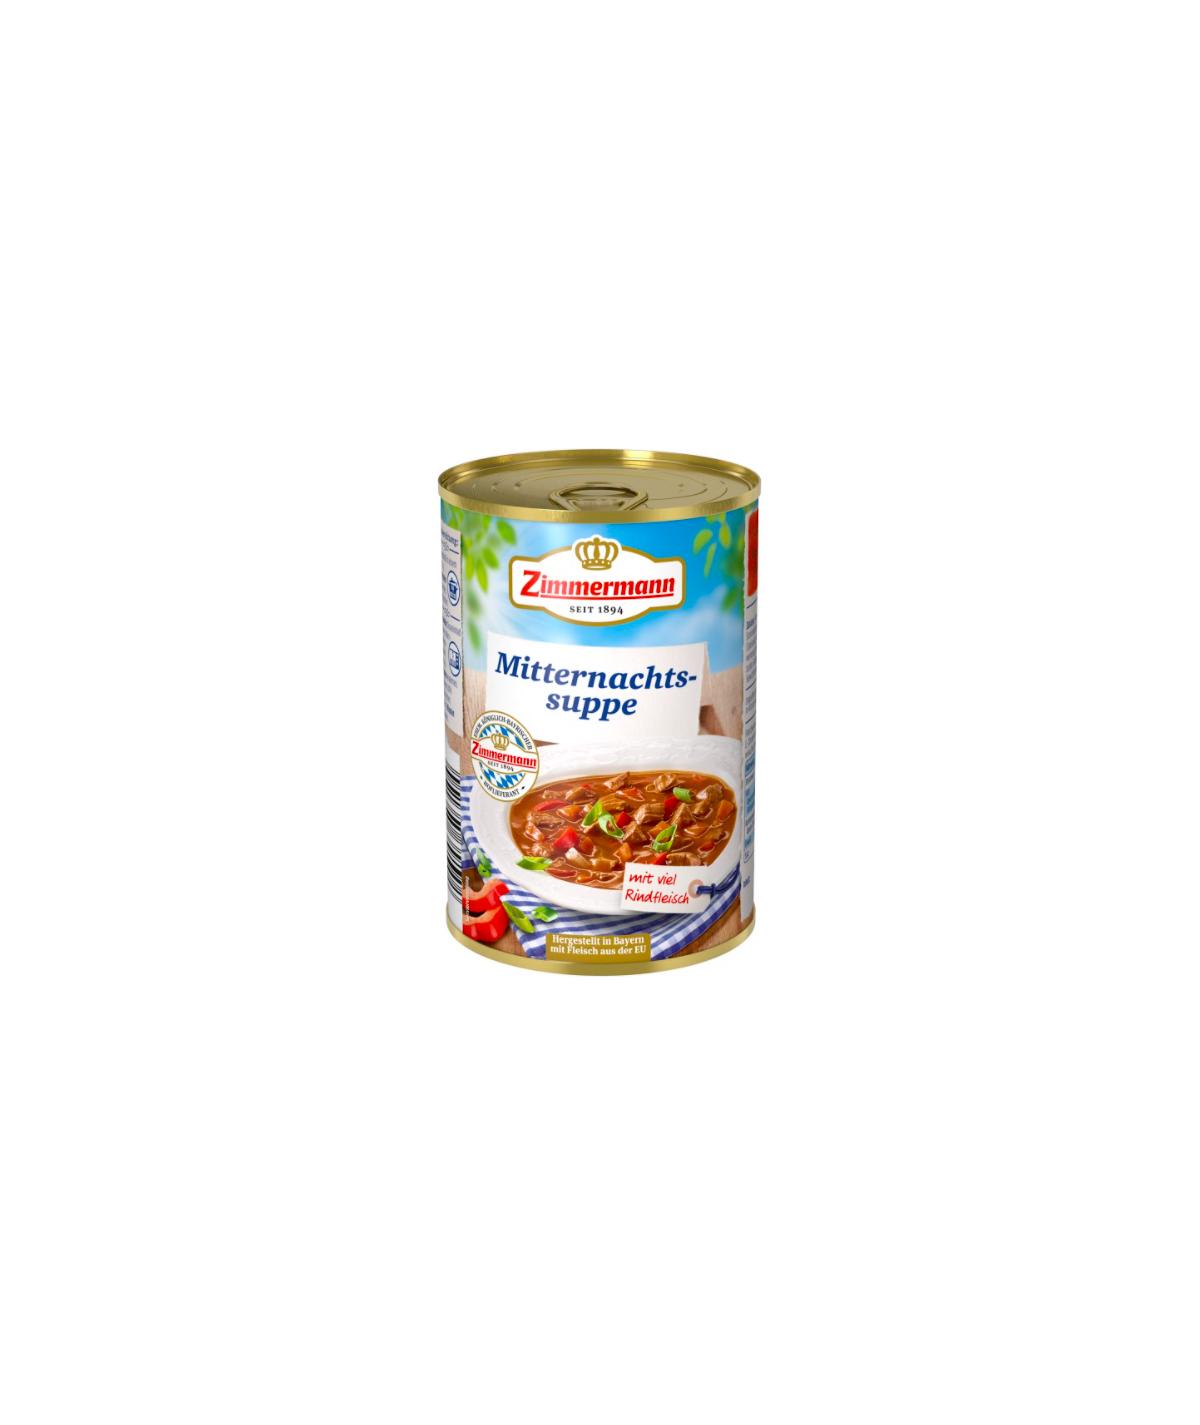 Mitternachts-Suppe - 400g